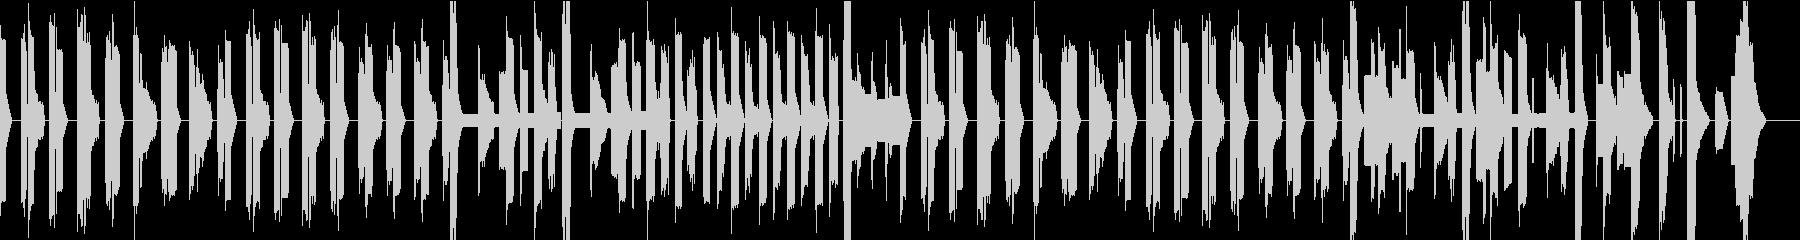 チップチューンのほのぼのBGMの未再生の波形